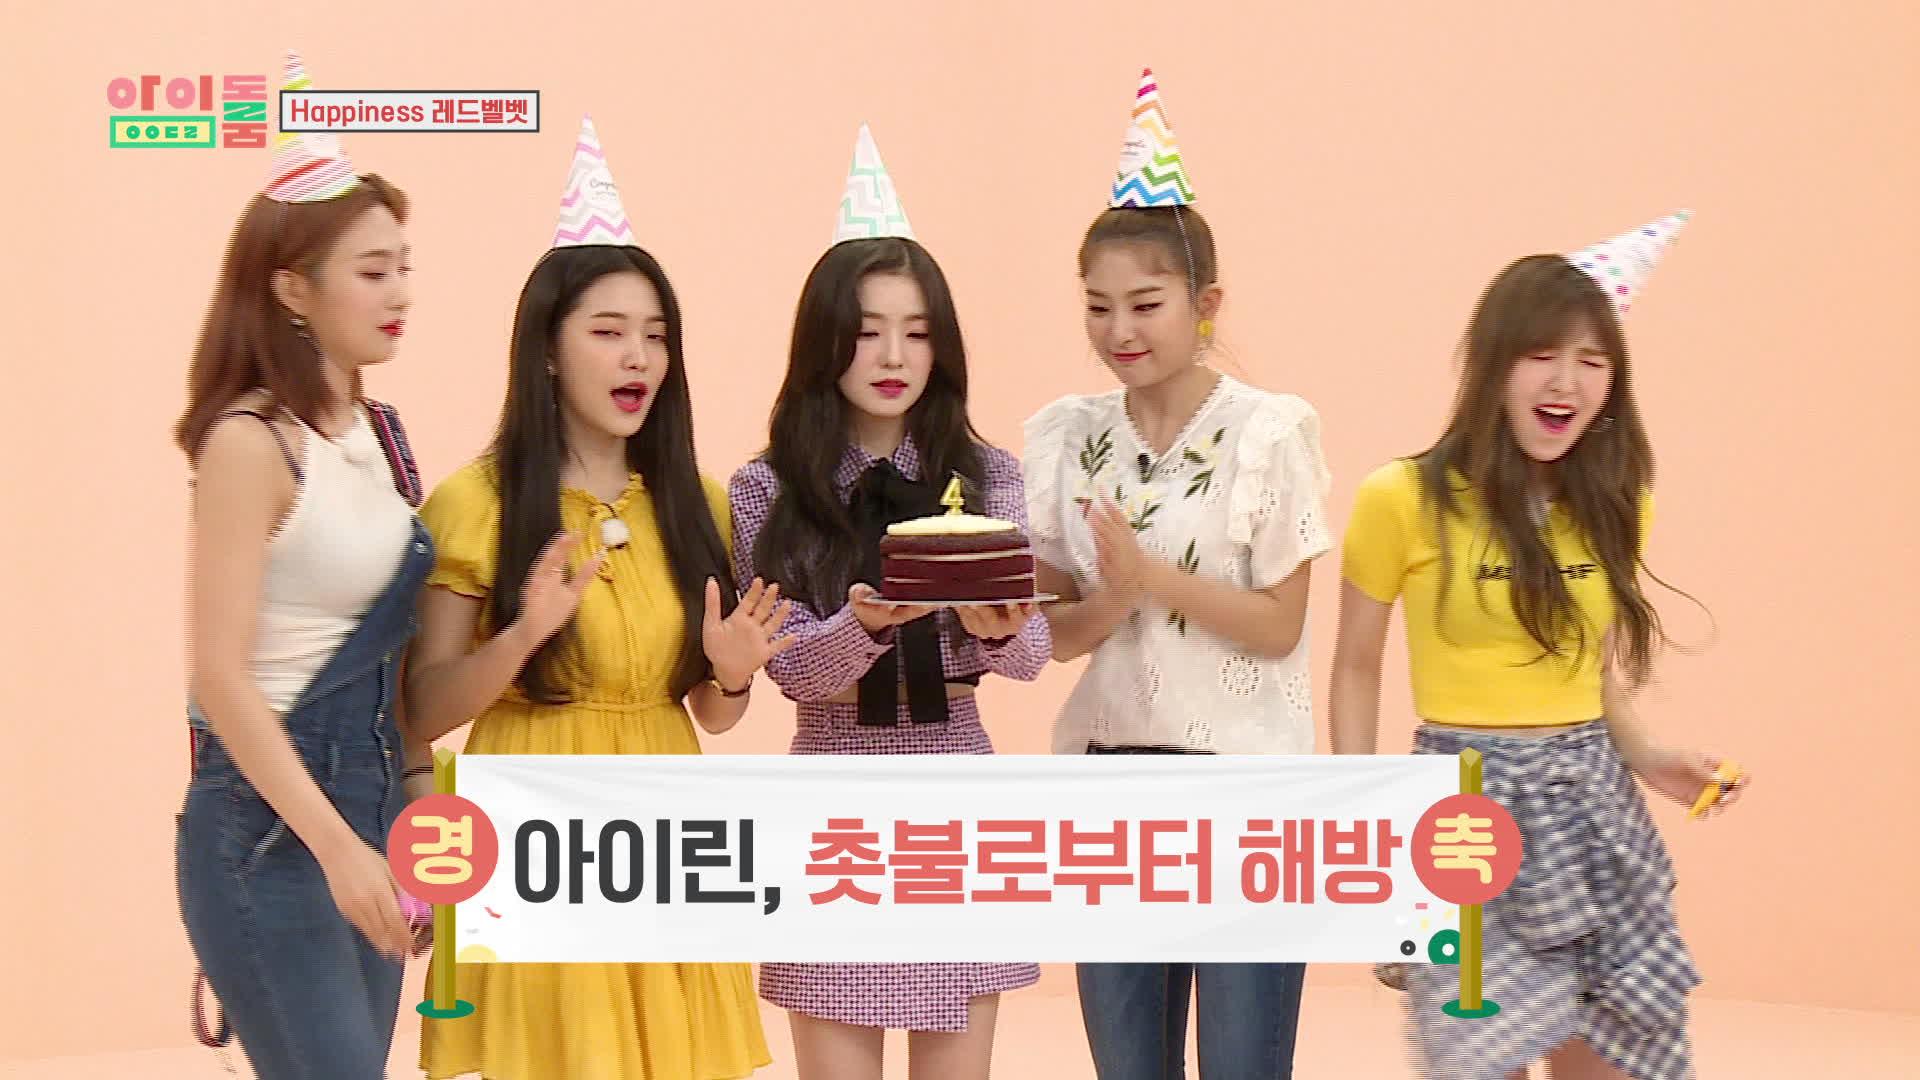 아이돌룸(IDOL ROOM) 15회 - ★경축★ 레드벨벳 데뷔 4주년 기념, 아이돌룸 행차!